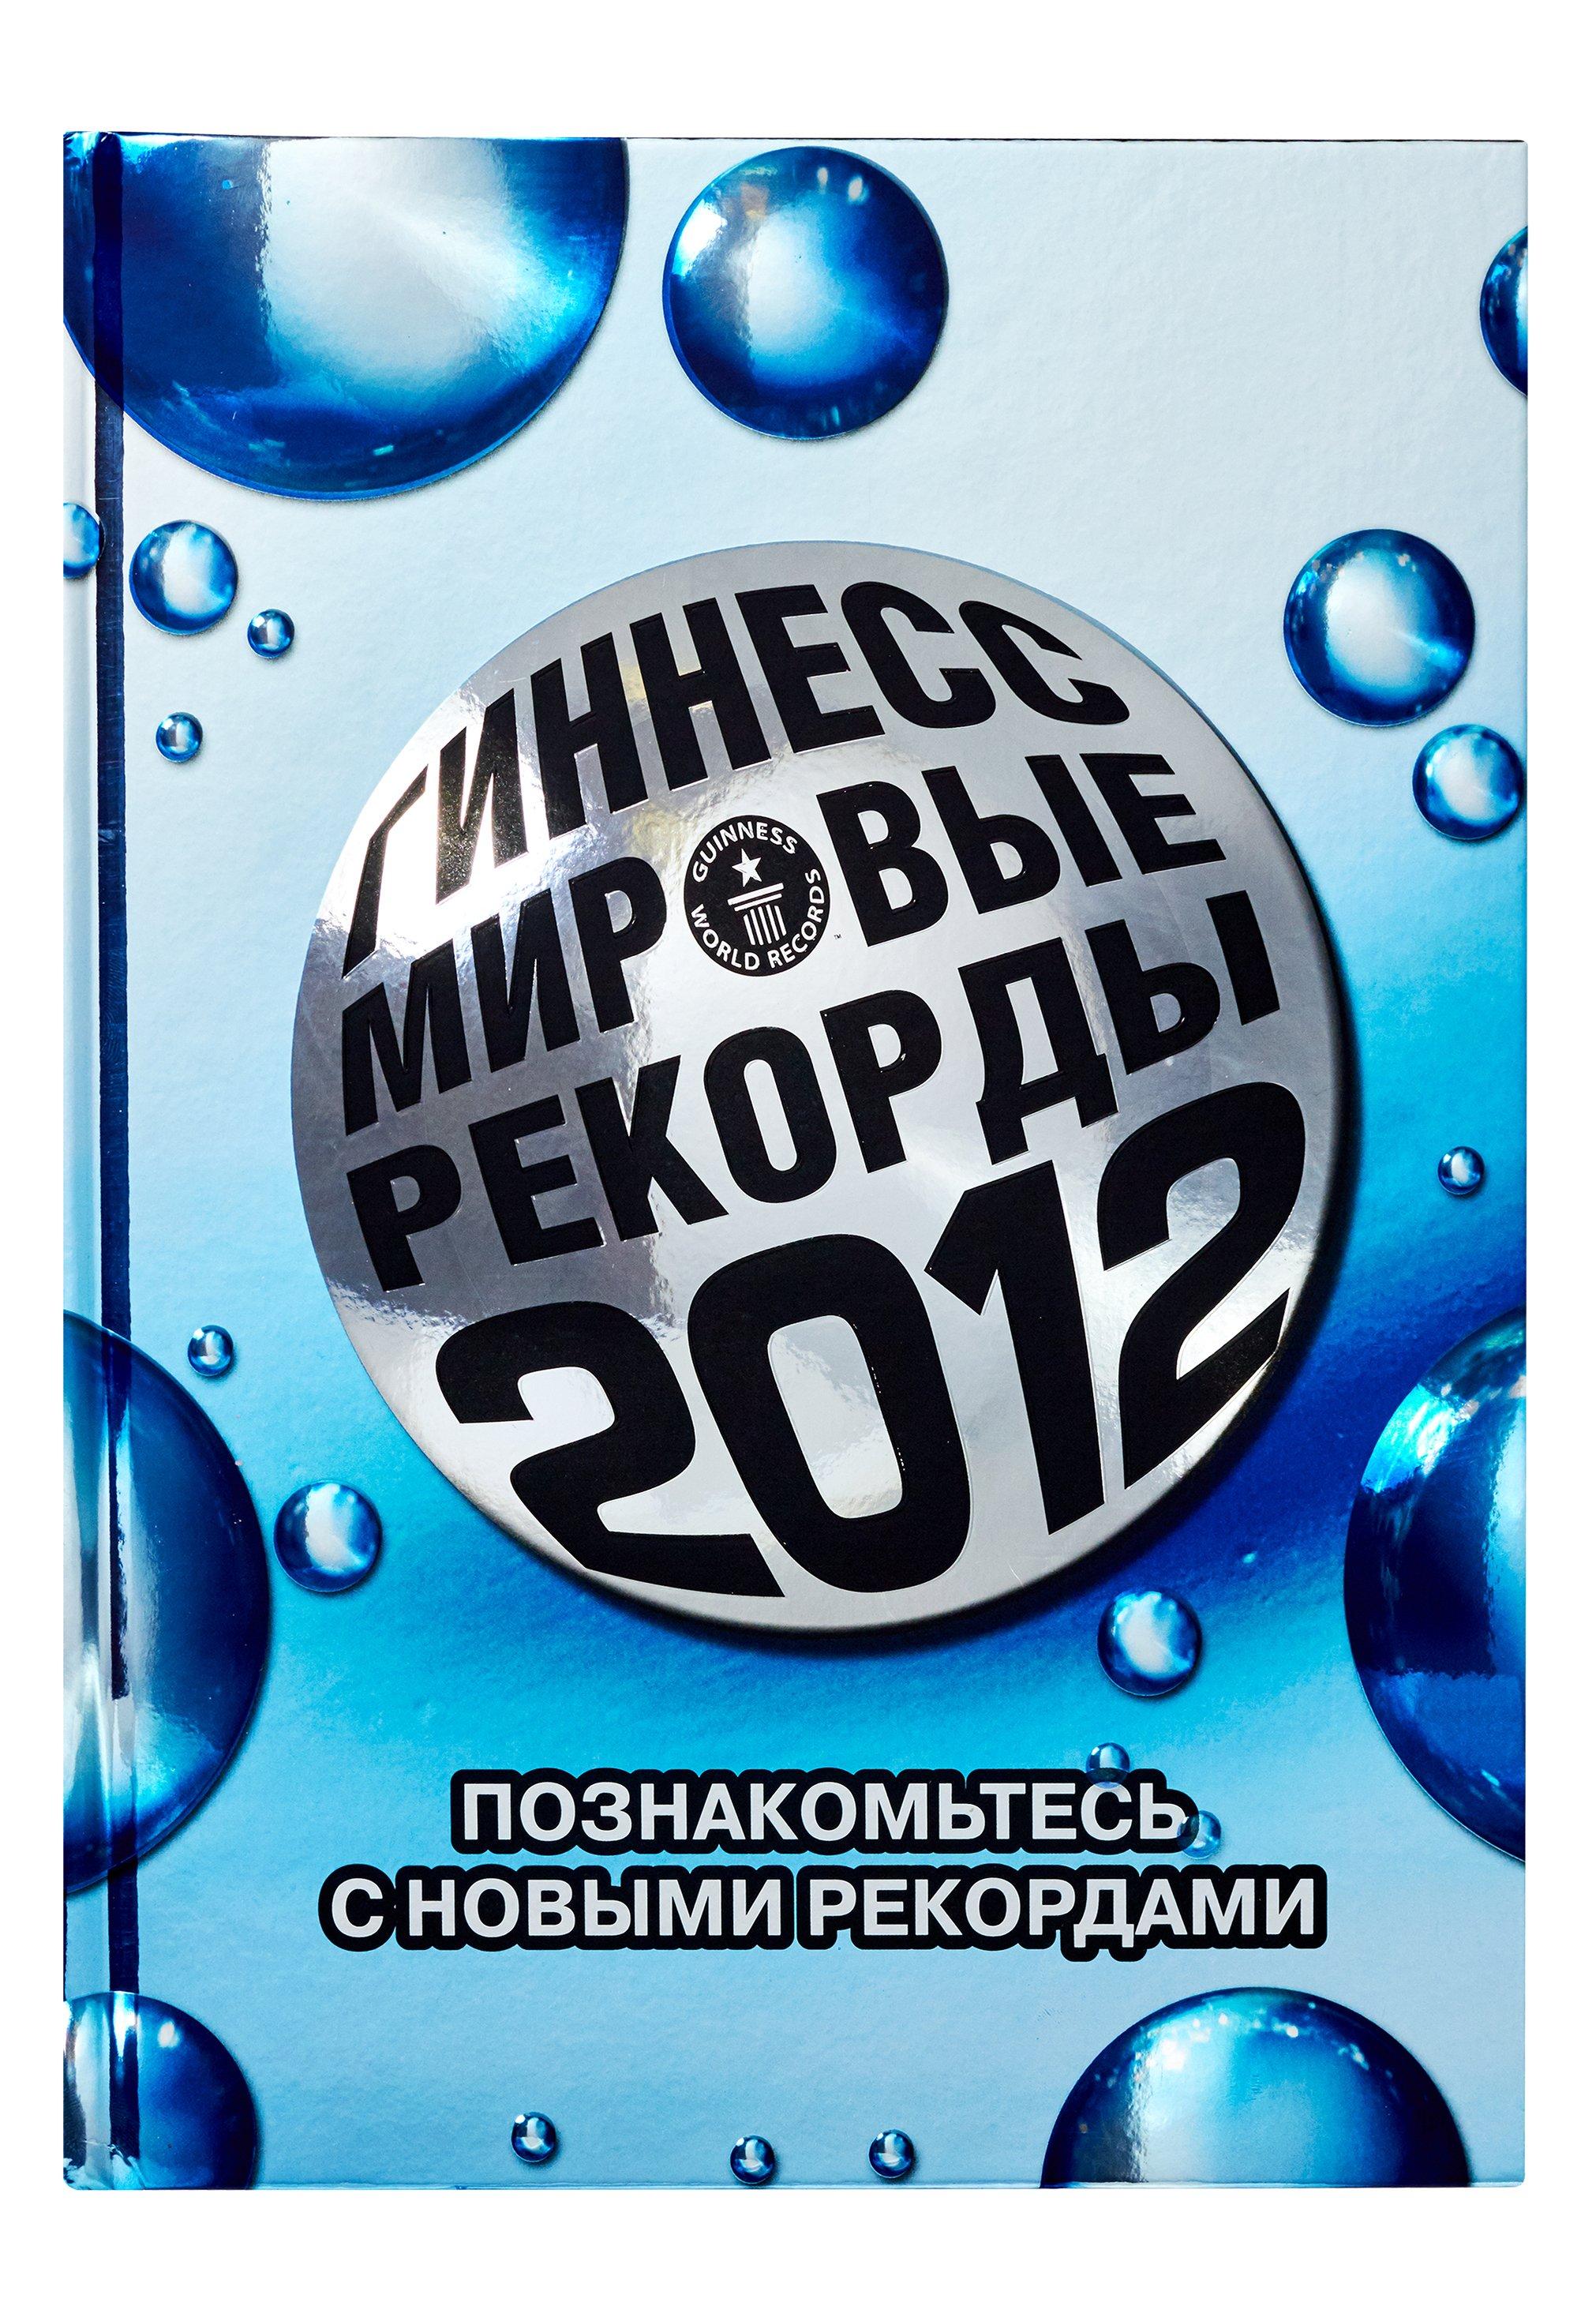 цена на Павлова И.В. Гиннесс. Мировые рекорды 2012